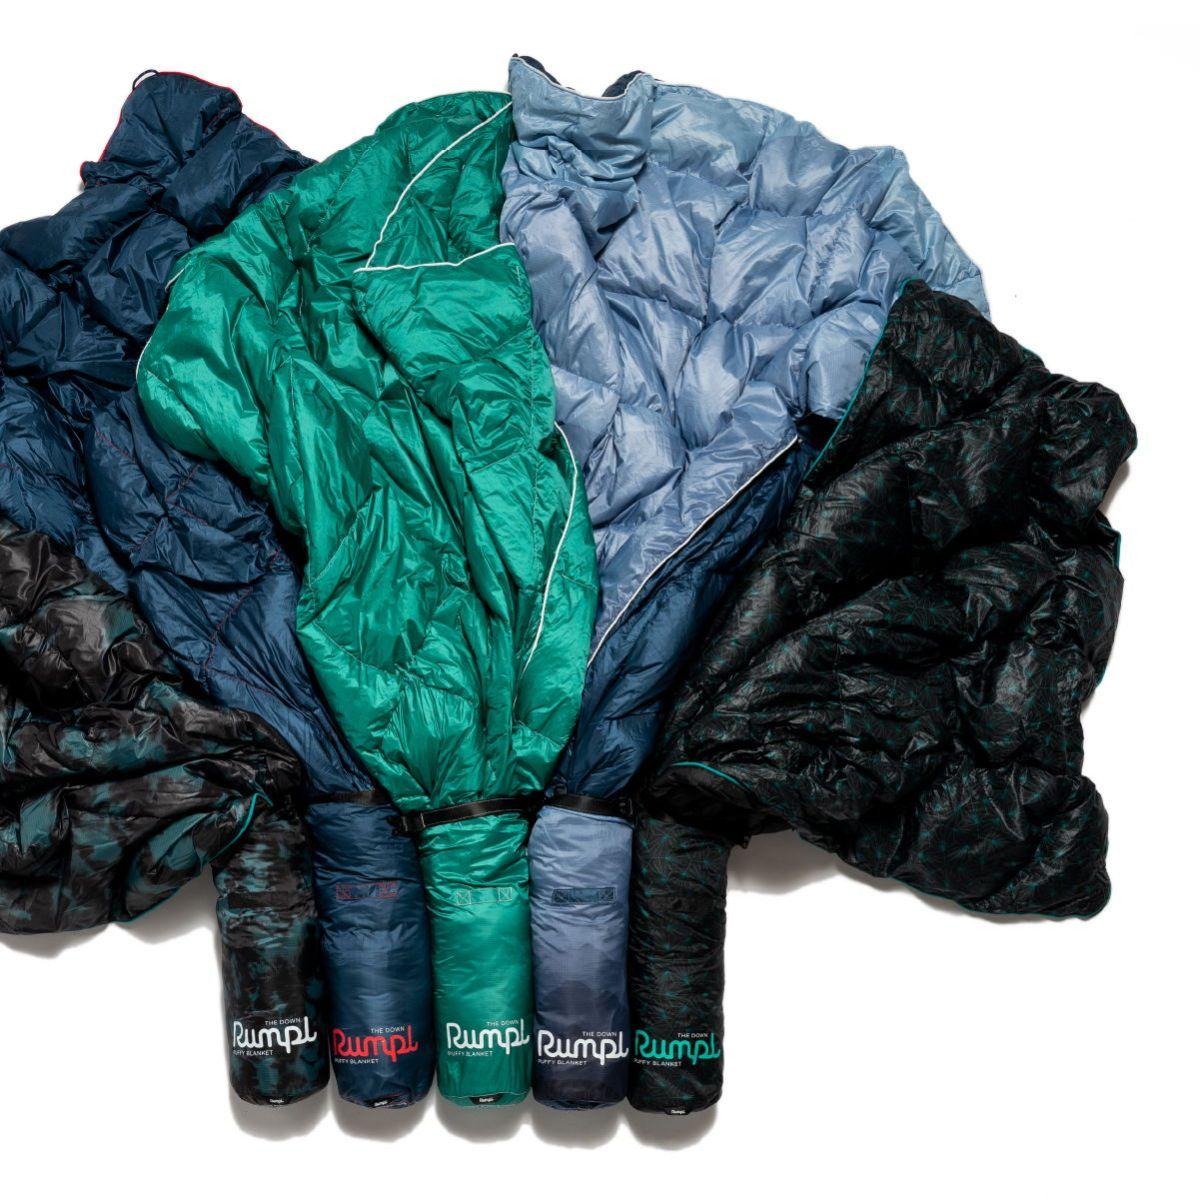 Indoor/Outdoor Camping Blanket byRumpl